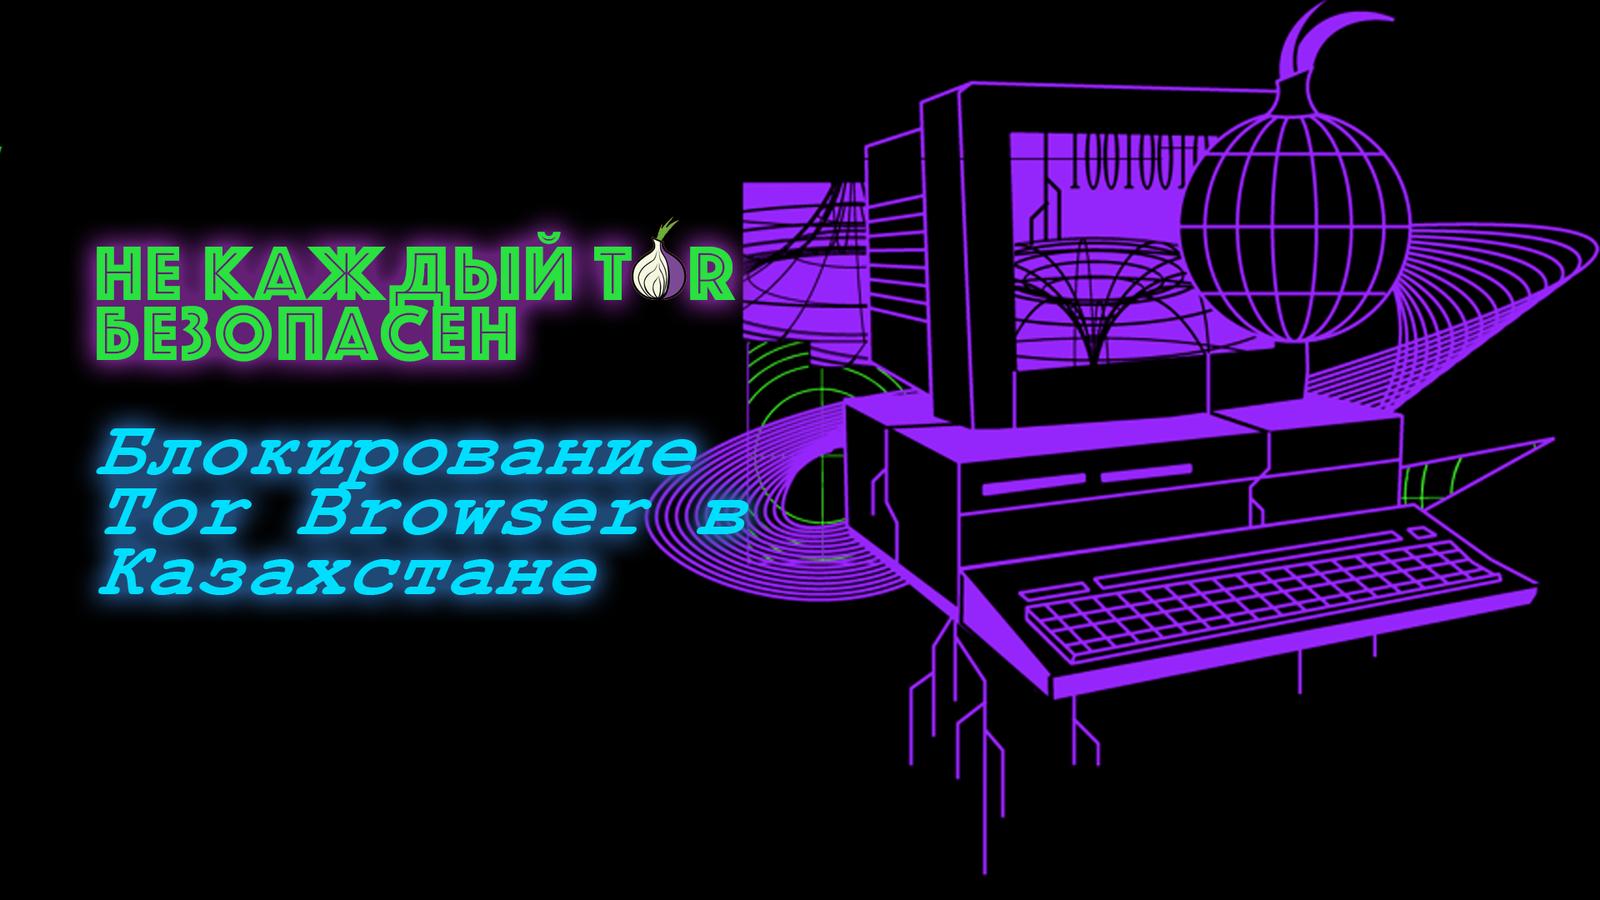 Не работает tor browser в казахстане тор браузер скачать и установить бесплатно hydra2web